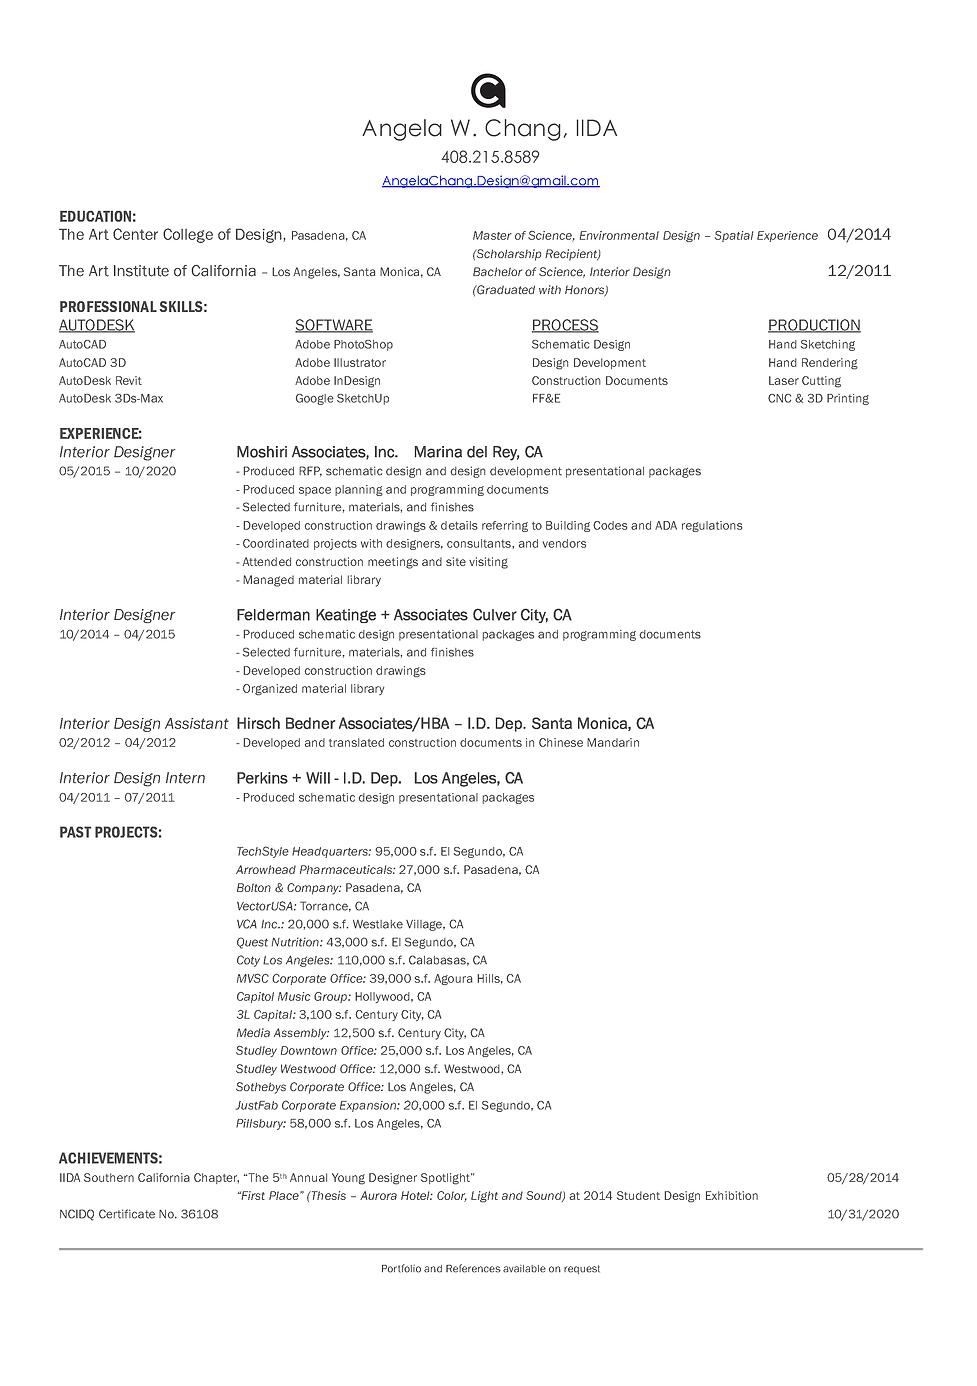 AngelaChang_Resume_Feb2021.tif